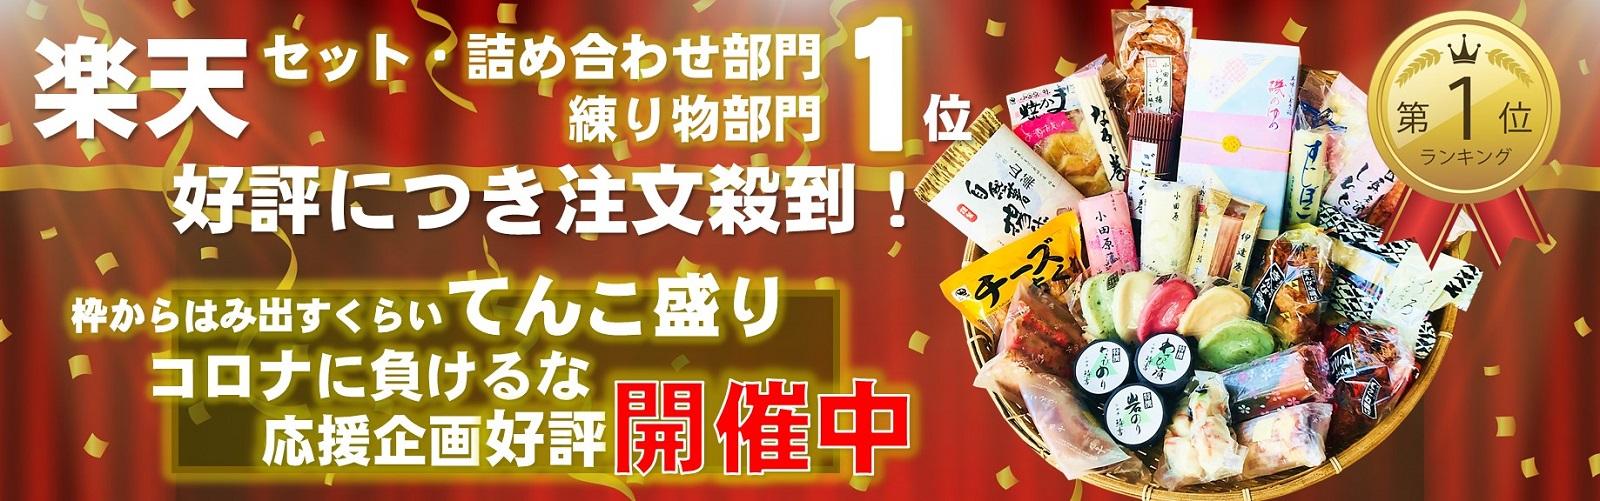 小田原 かまぼこ うろこき おまかせセット3000円